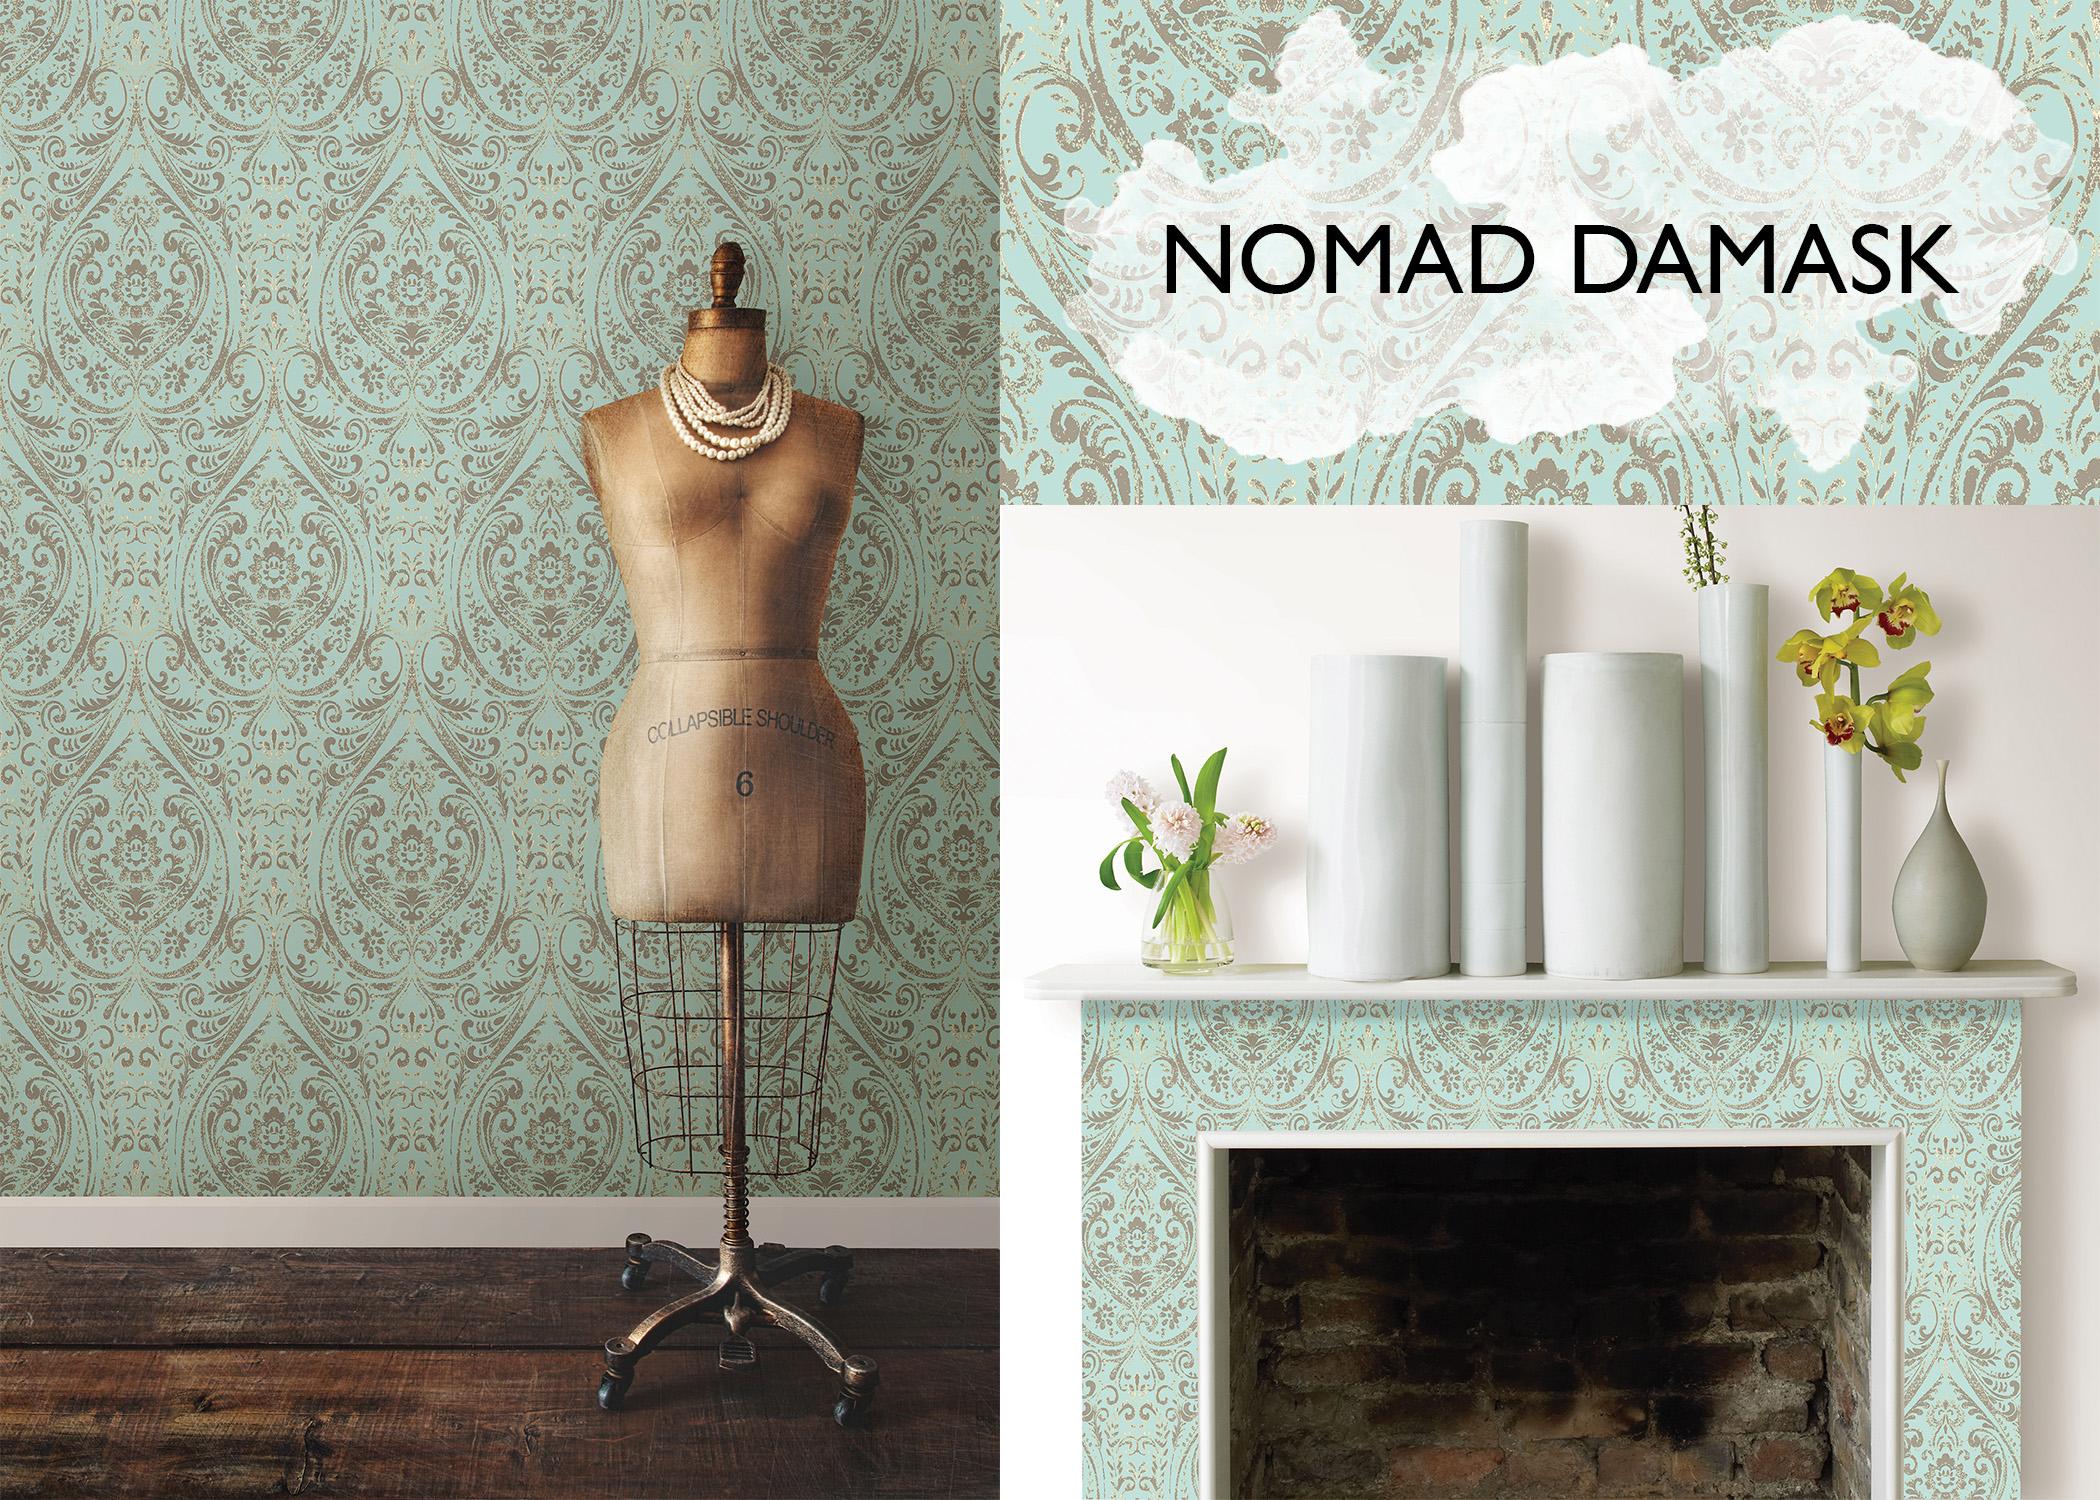 Nomad Damask NuWallpaper